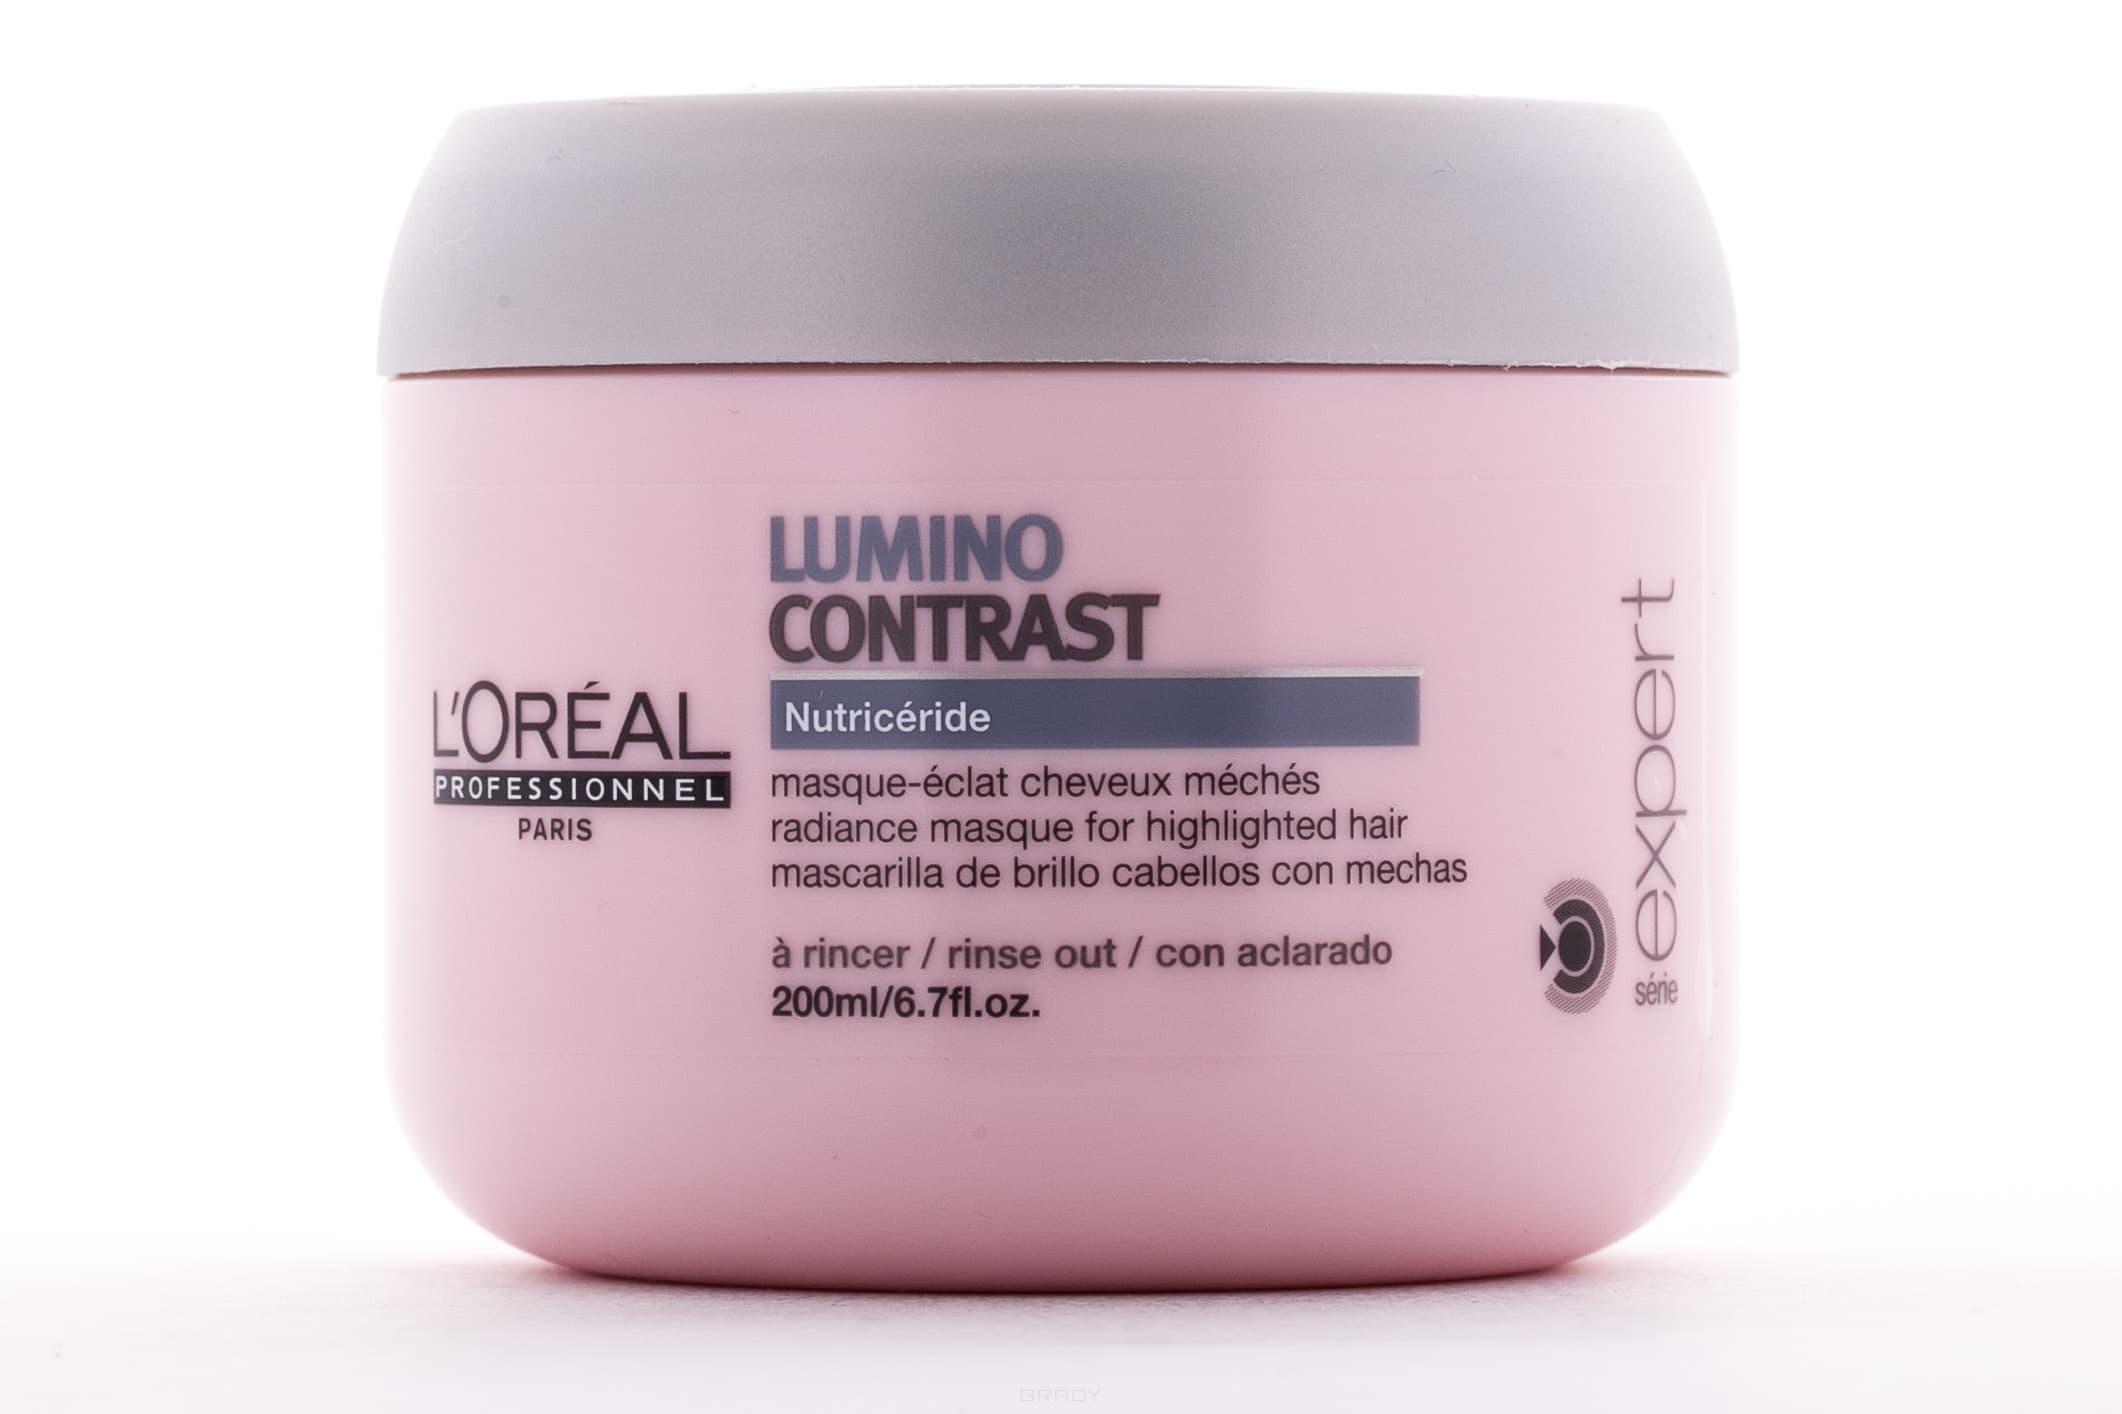 L'Oreal Professionnel Маска-сияние для мелированных и колорированных волос Serie Expert Lumino Contrast Masque , 200 мл